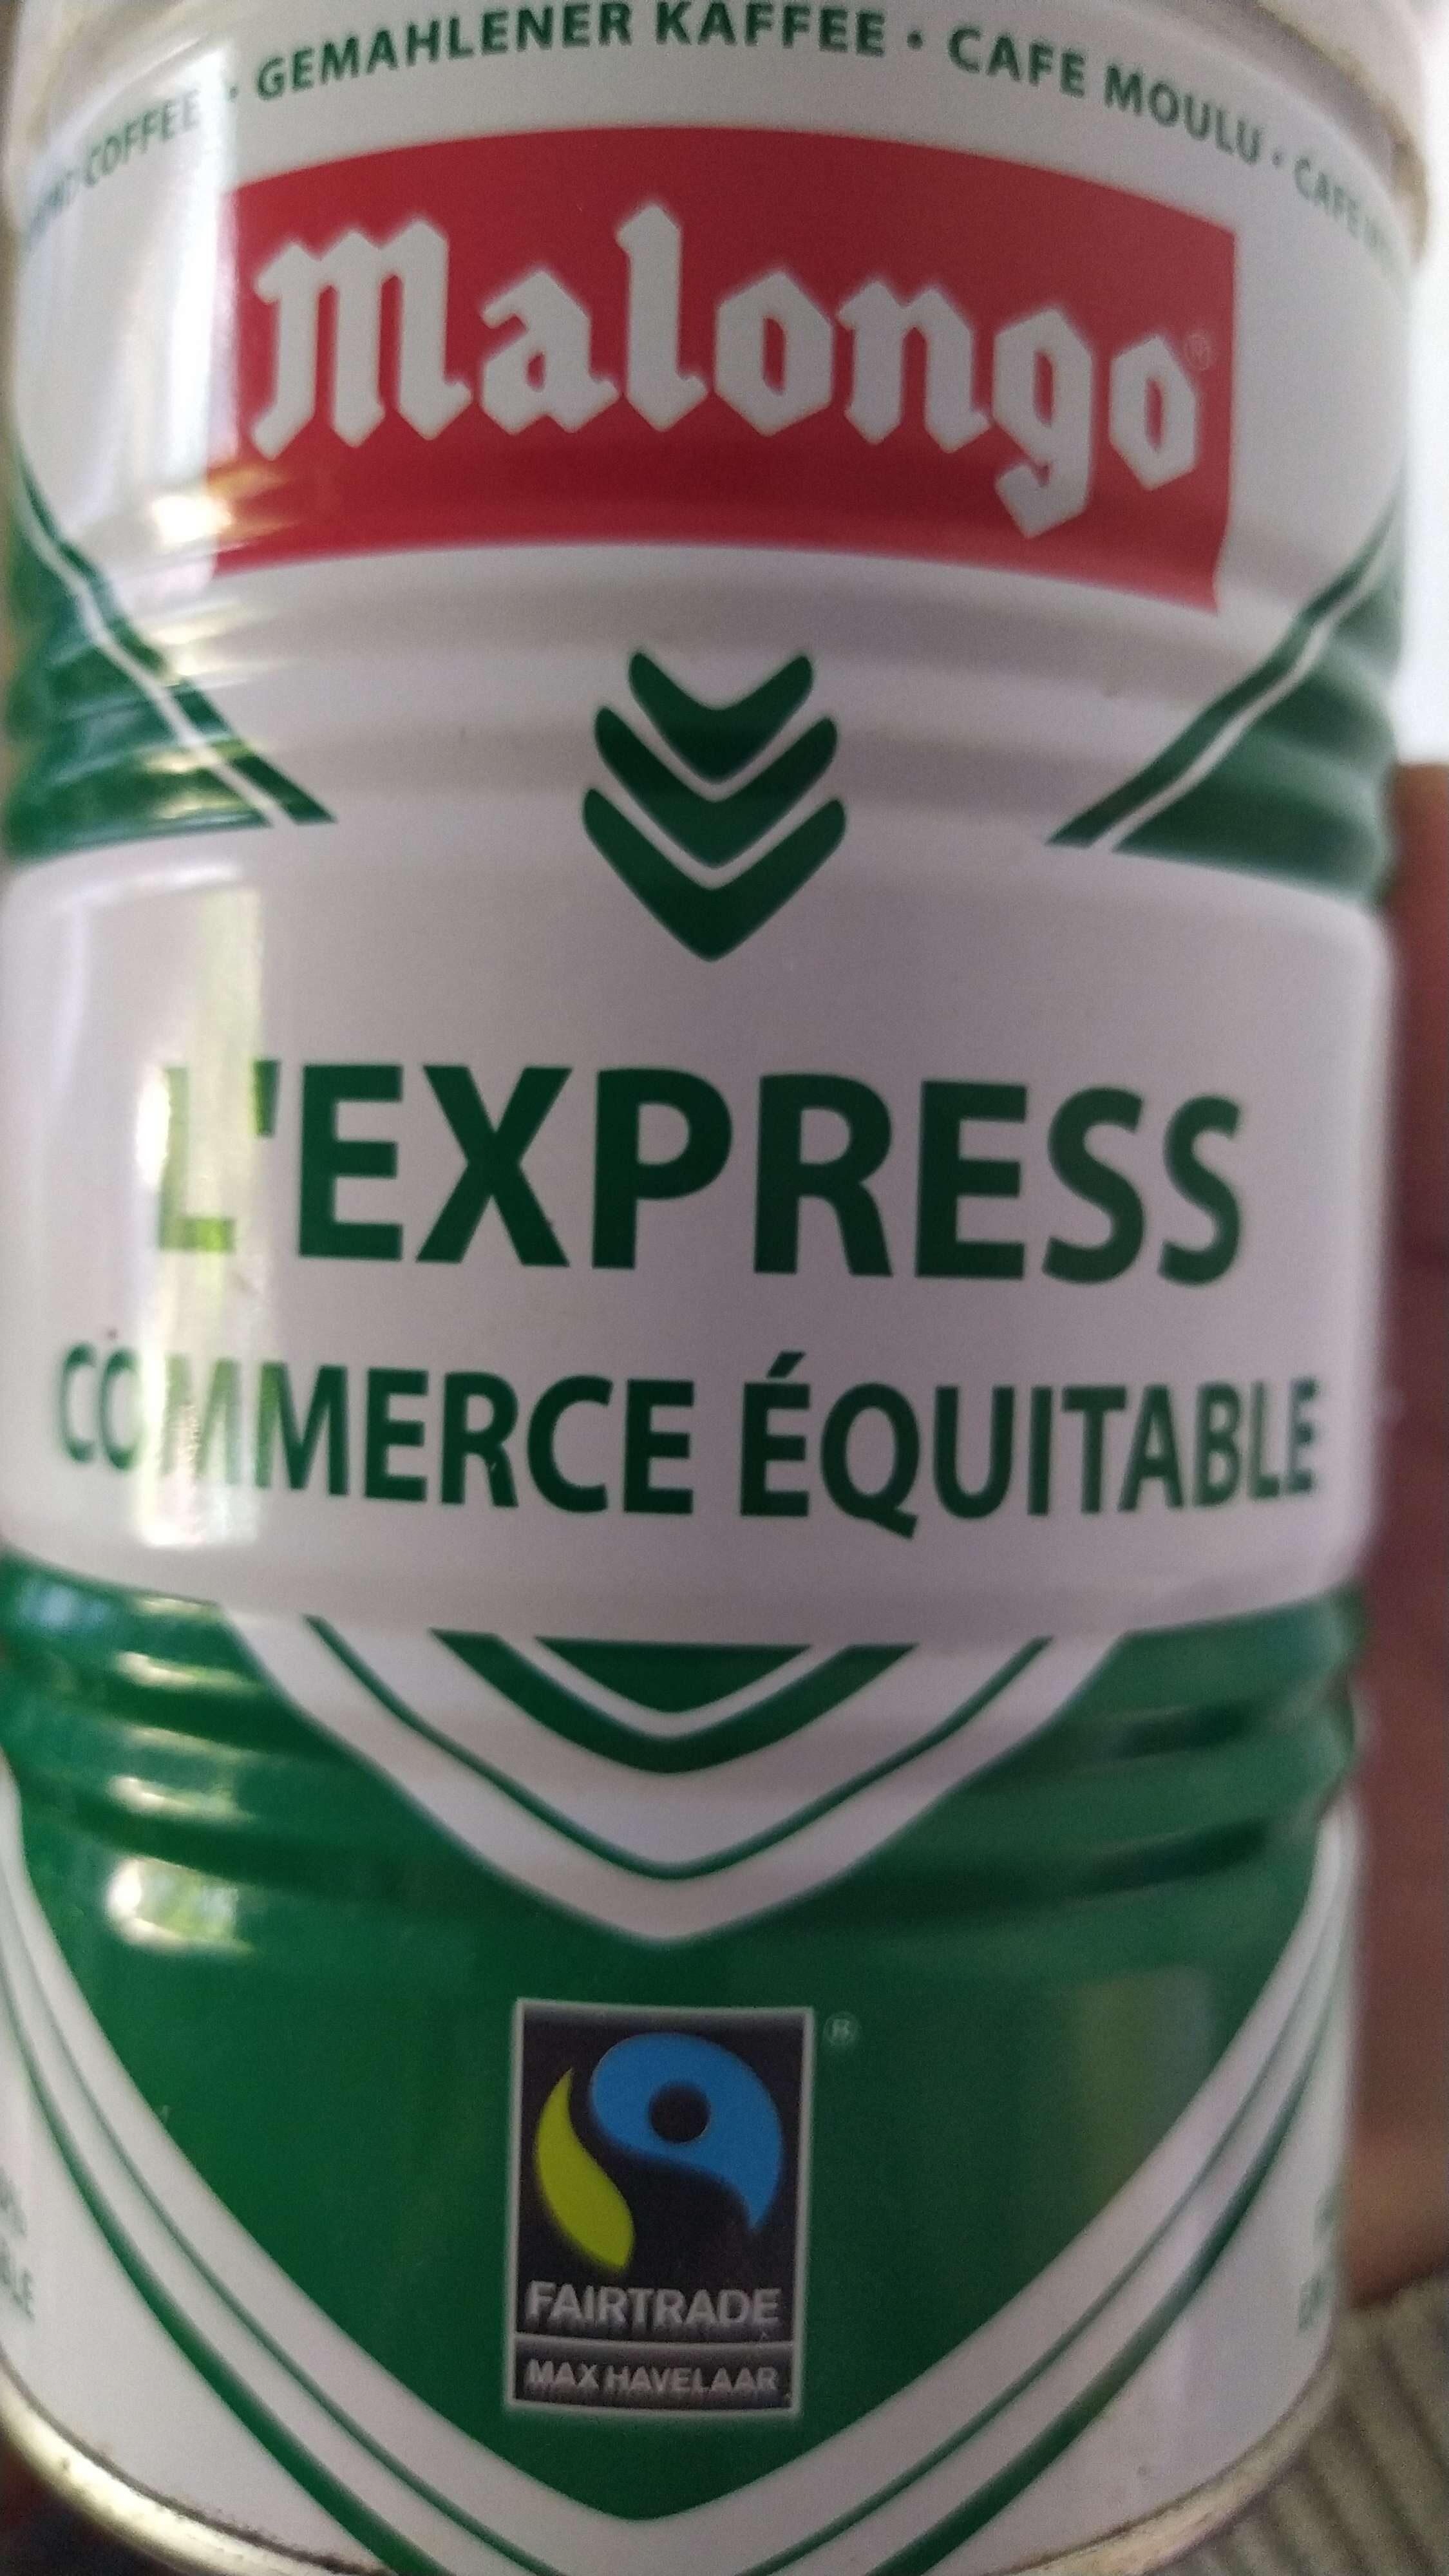 L'EXPRESS - COMMERCE ÉQUITABLE - Prodotto - en